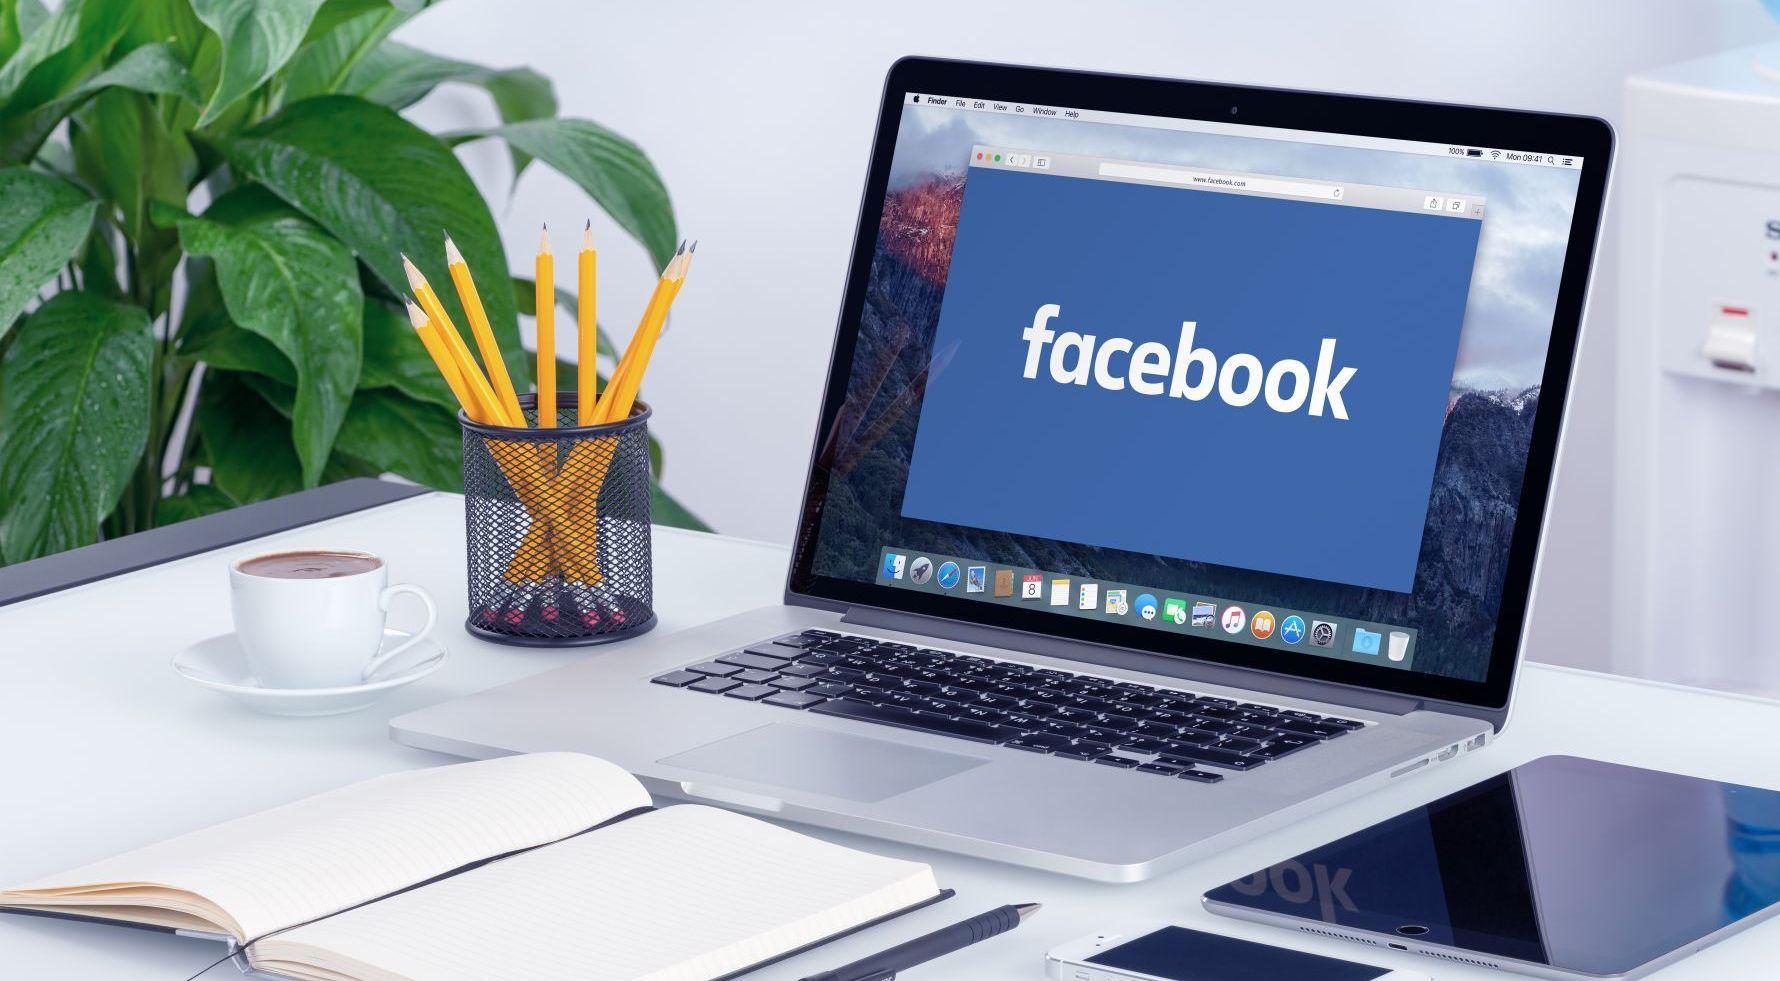 臉書首度捐款台灣 唐鳳辦公室牽線